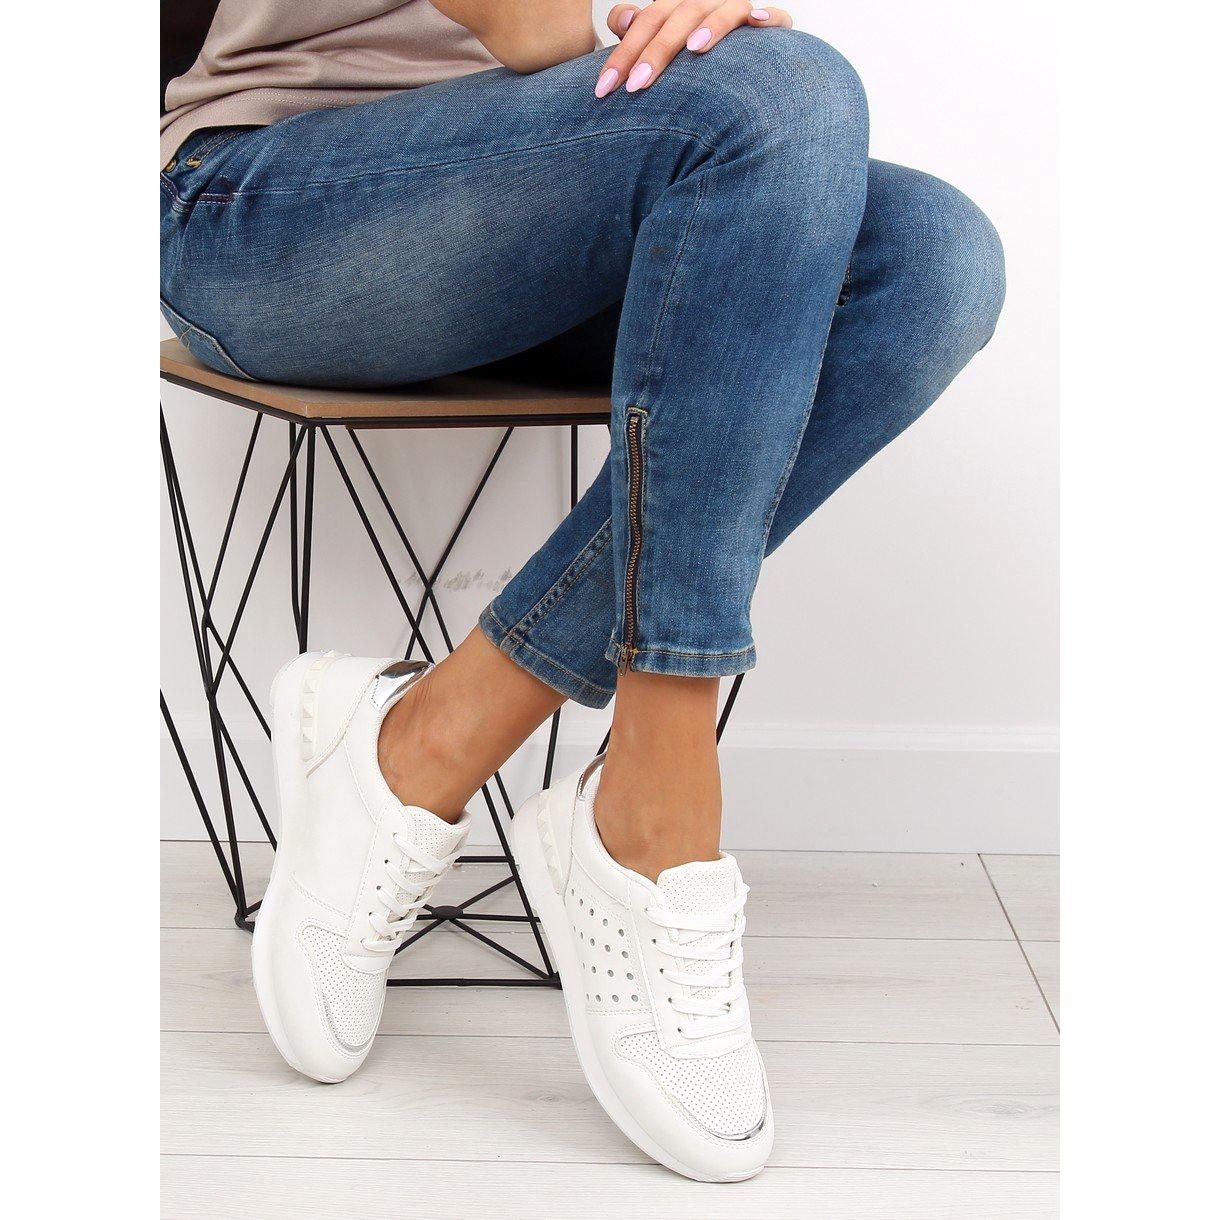 bianco-scarpe-sportive-bianche-da-donna-su12p-bianche miniatura 7